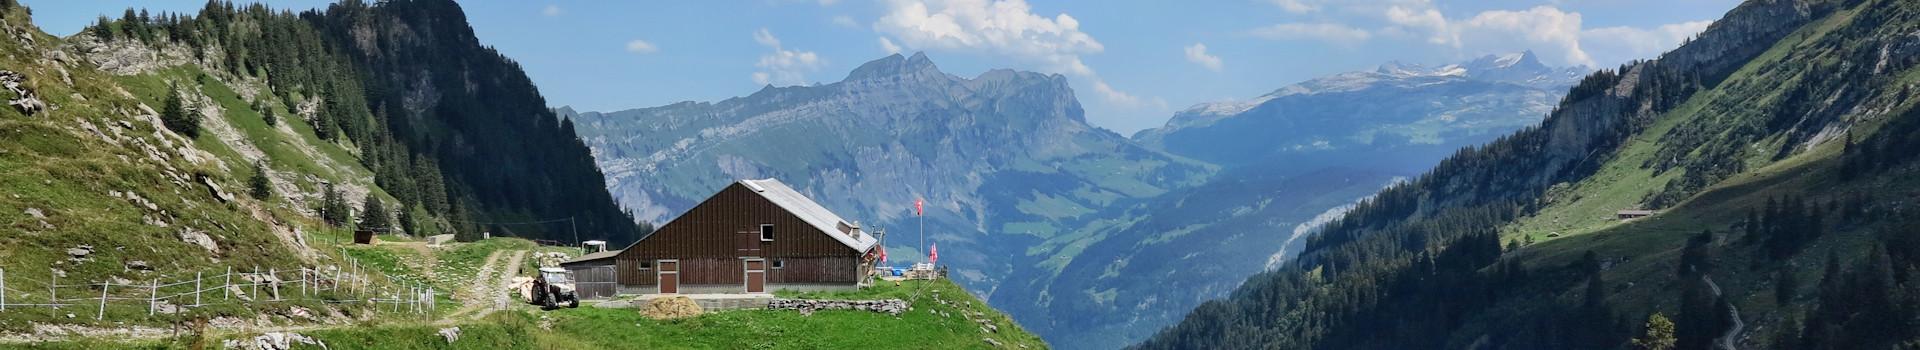 Von Stoos über den Wannentritt nach Riemenstalden und Sisikon (SZ/UR) im August 2015